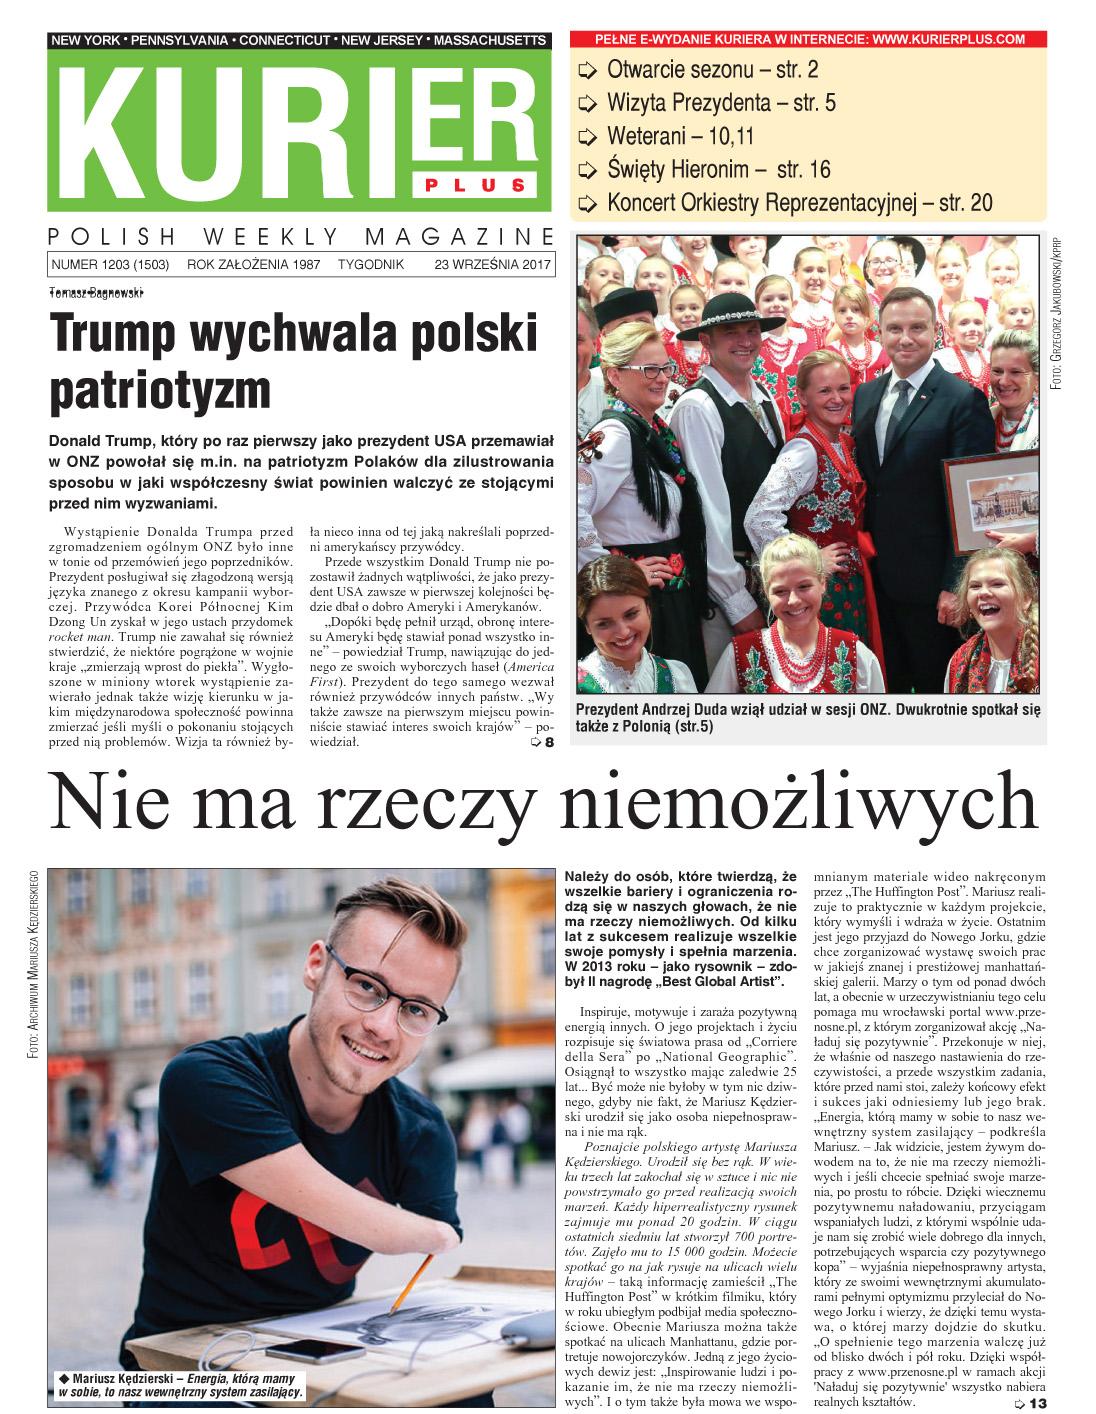 Kurier Plus - e-wydanie 23 września 2017